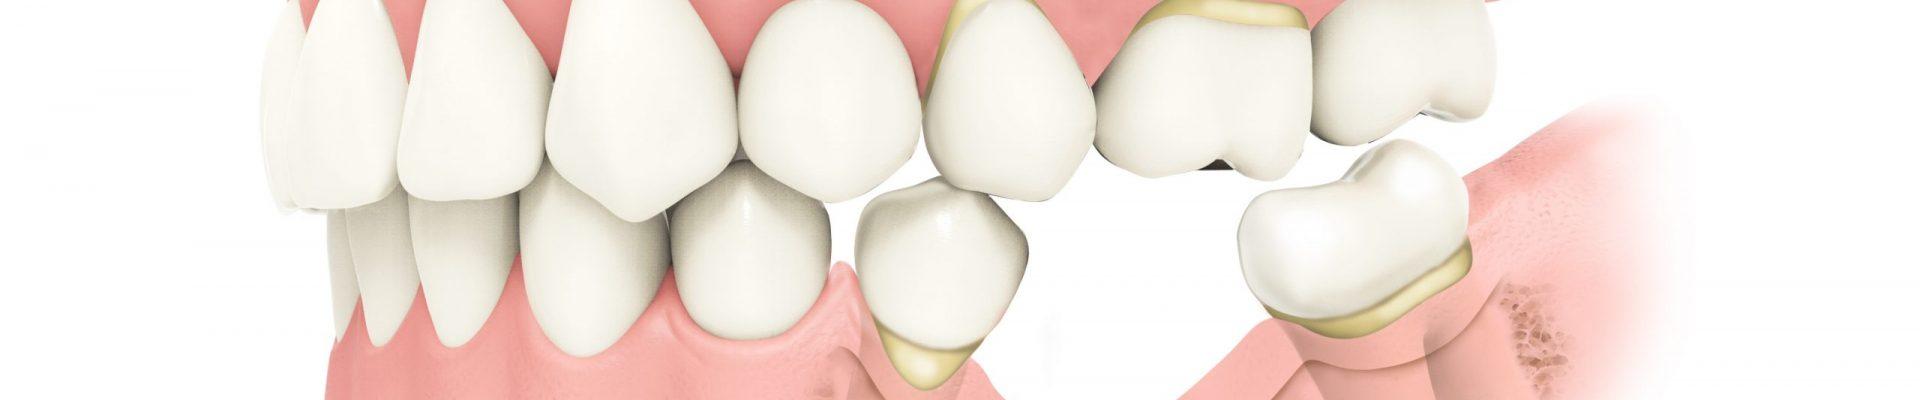 shifting teeth